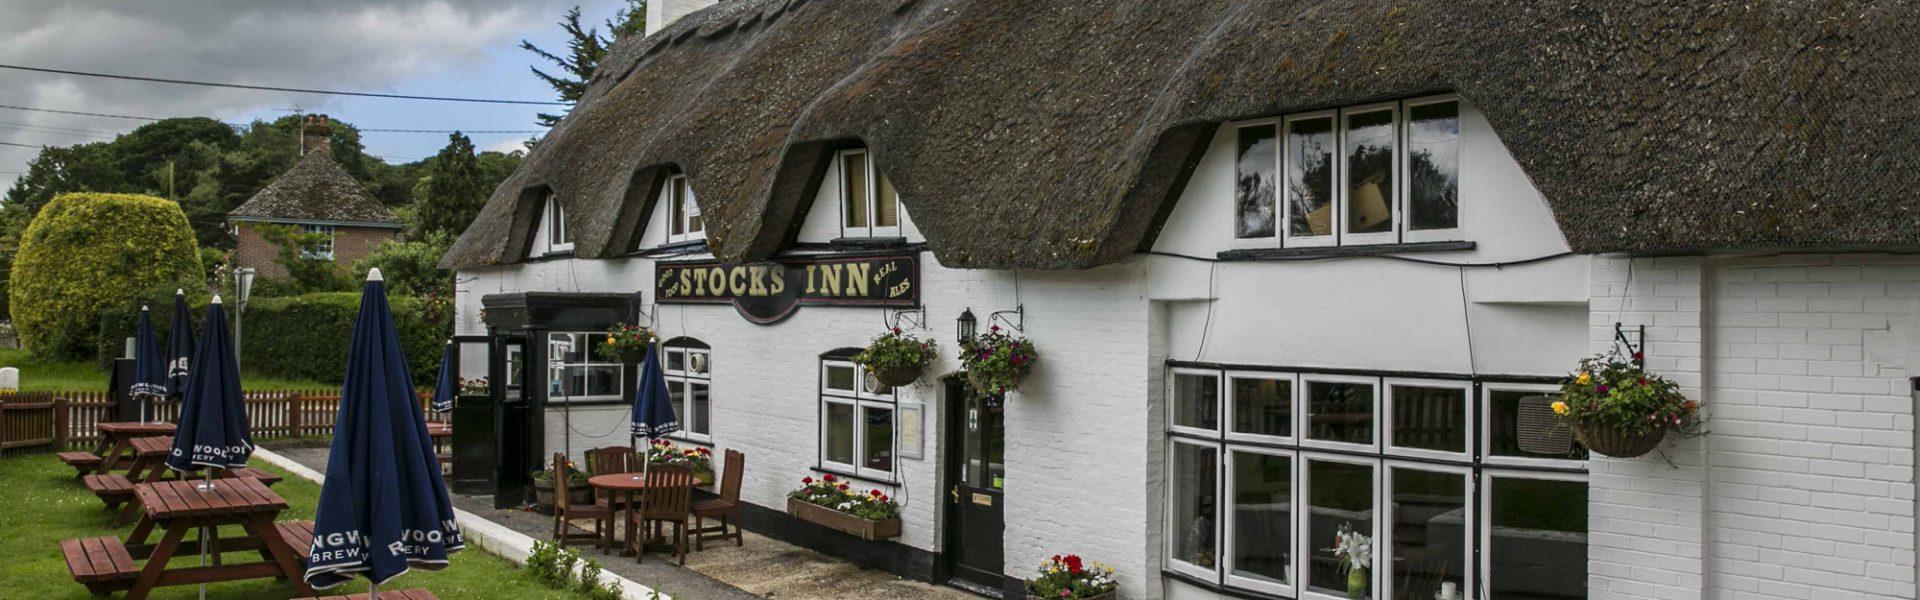 Stocks Inn